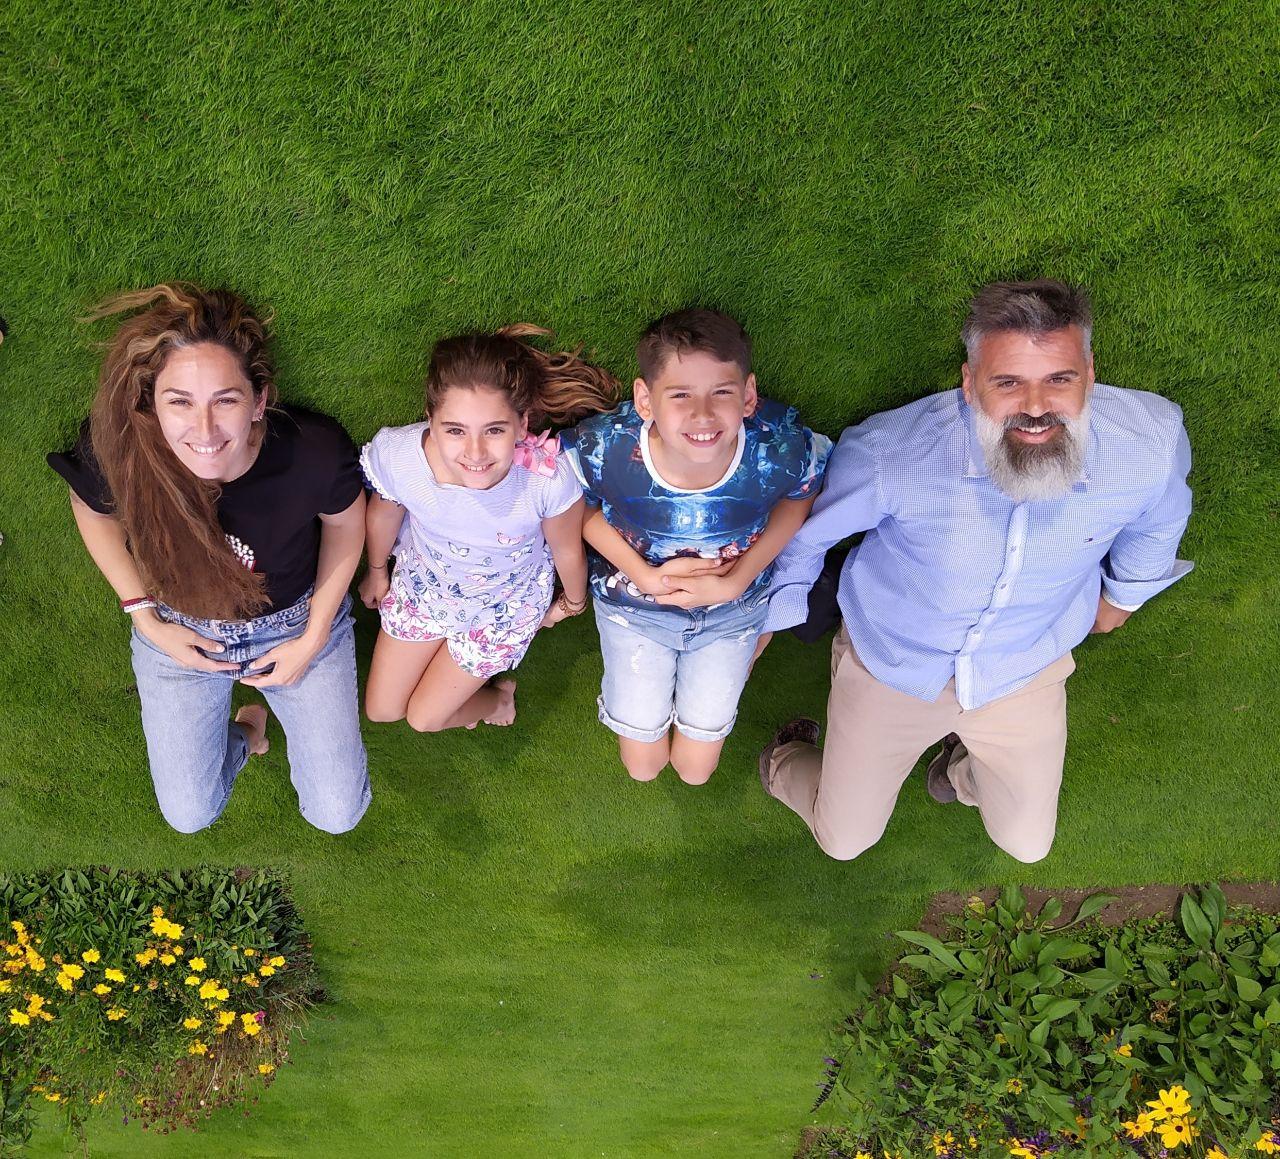 Vom Reisen mit dem Wohnmobil in Europa bis zum Leben mit der Familie